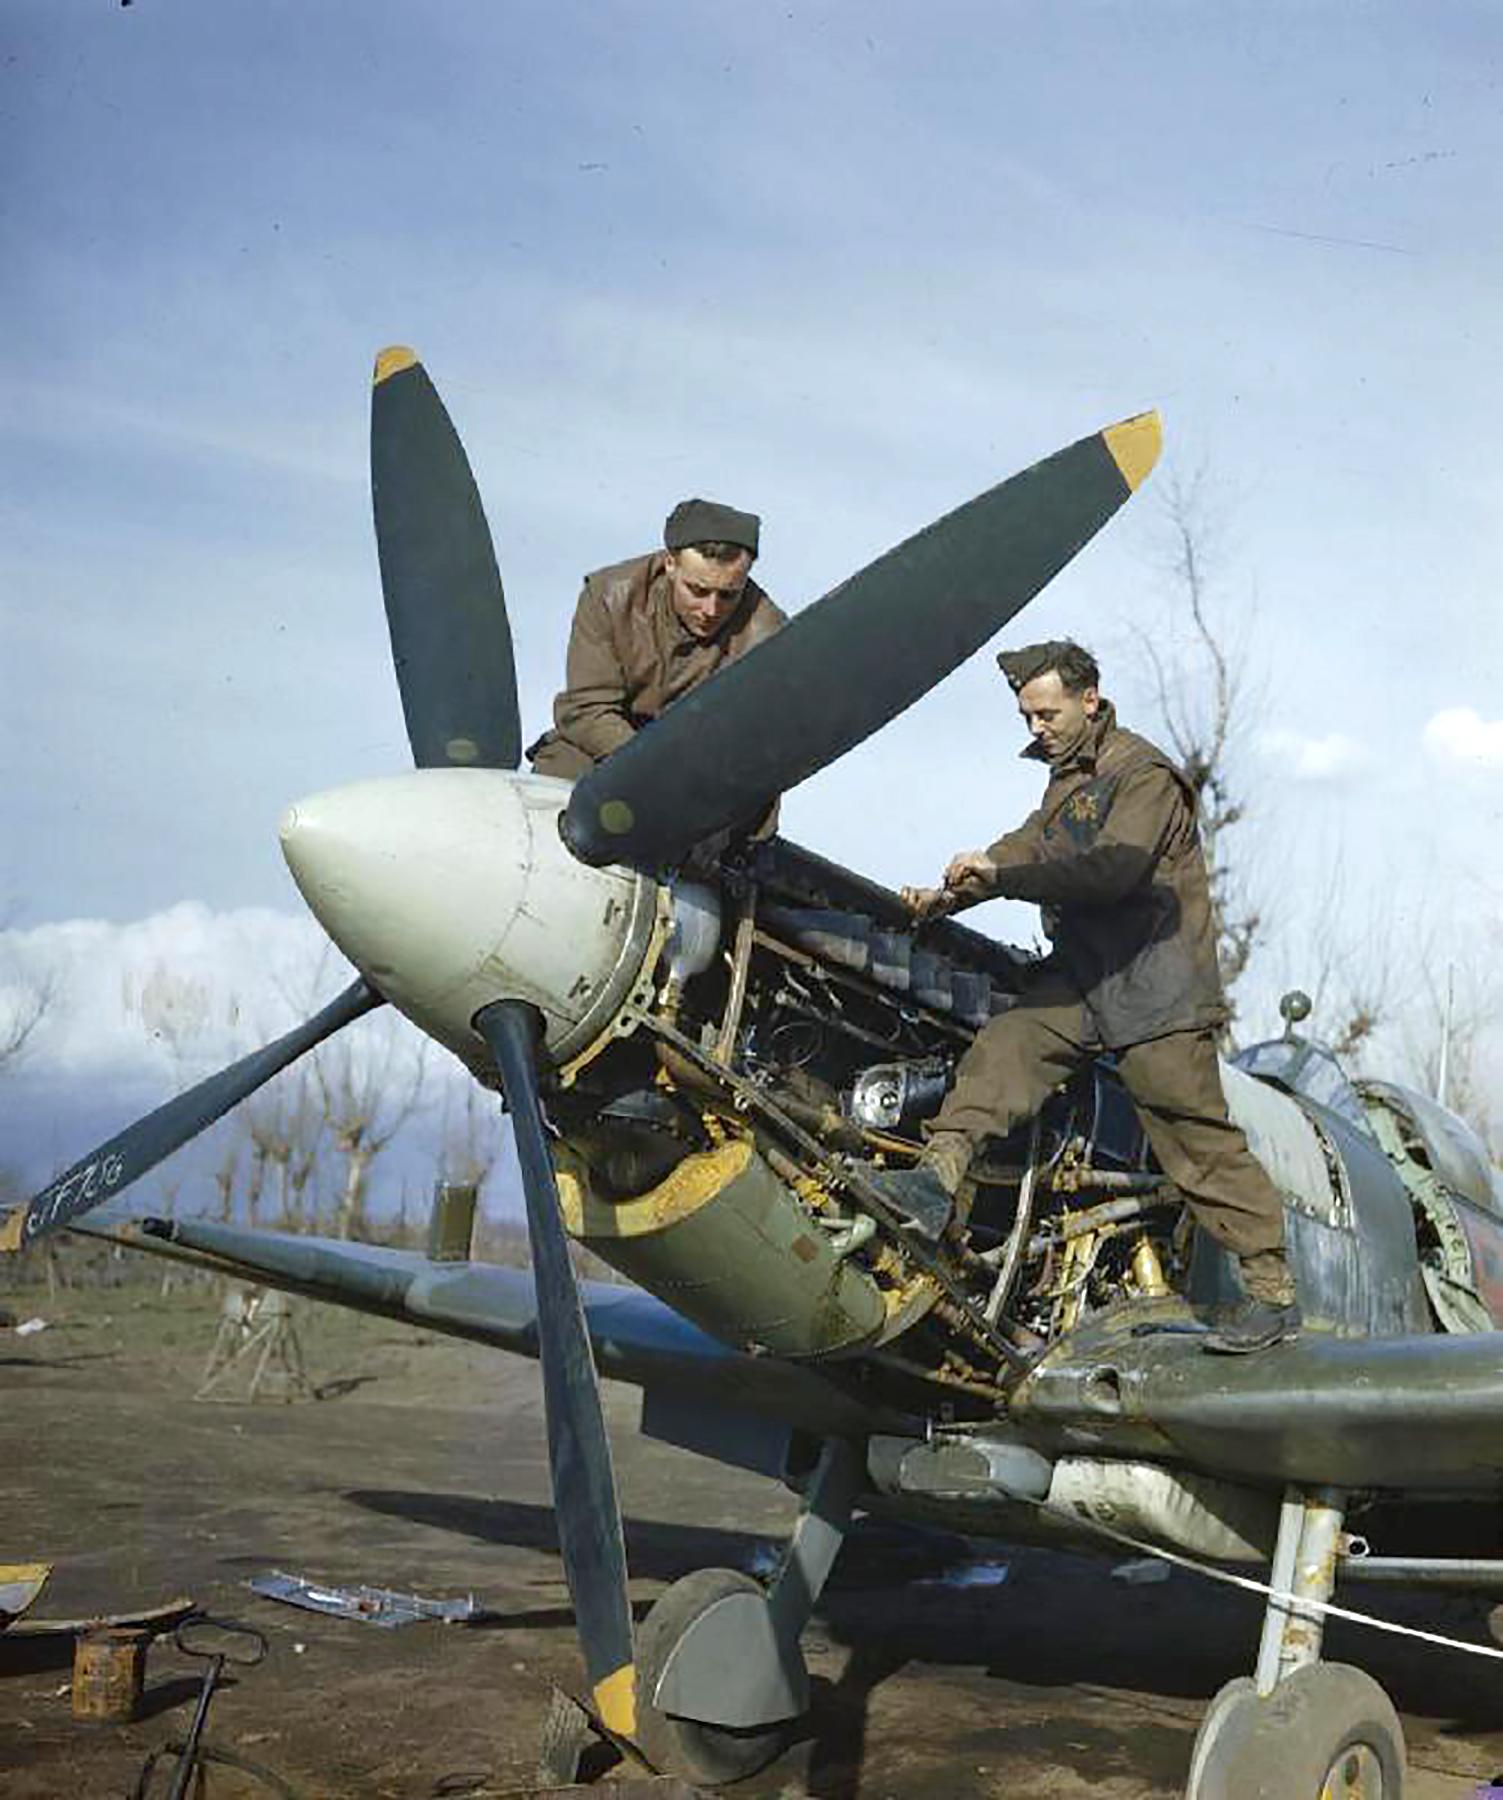 Spitfire MkIX RAF 241Sqn ground crew Jim Birkett Wally Passmore working on a Merlin engine IWM 01